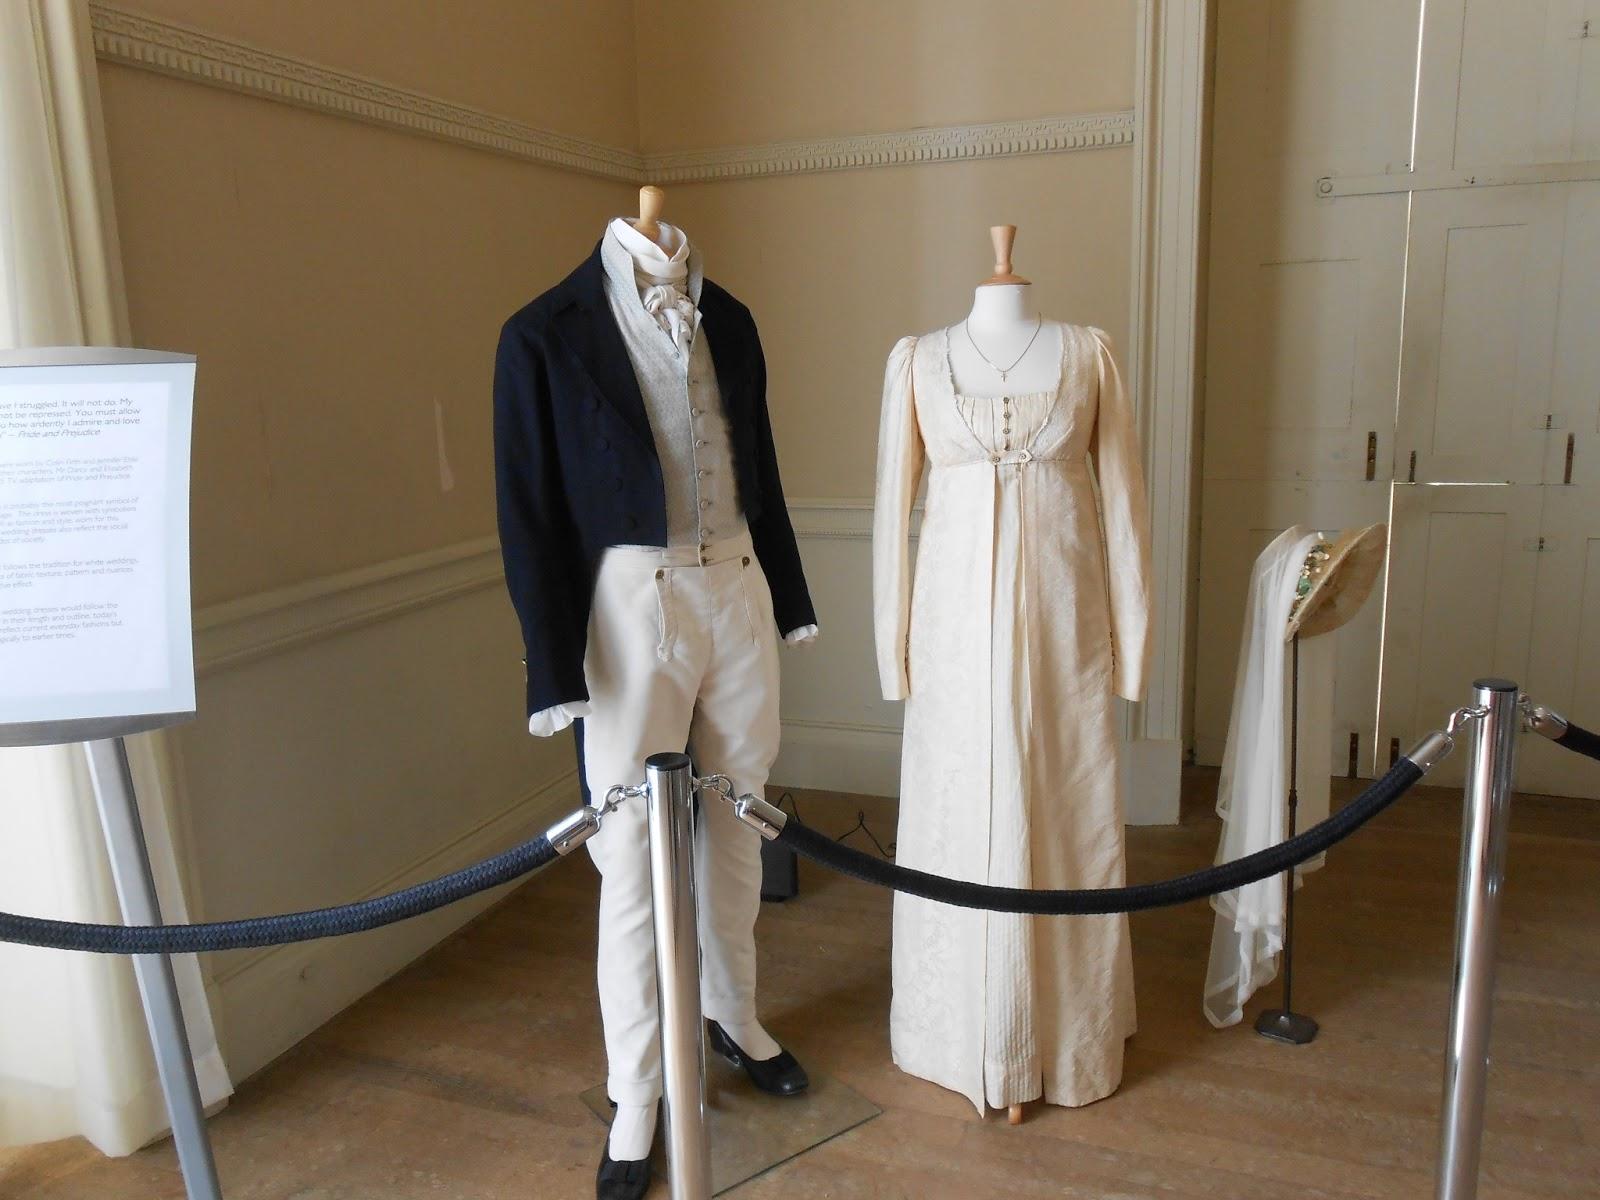 Exposition de costumes austeniens à Belsay Hall DSCN1125